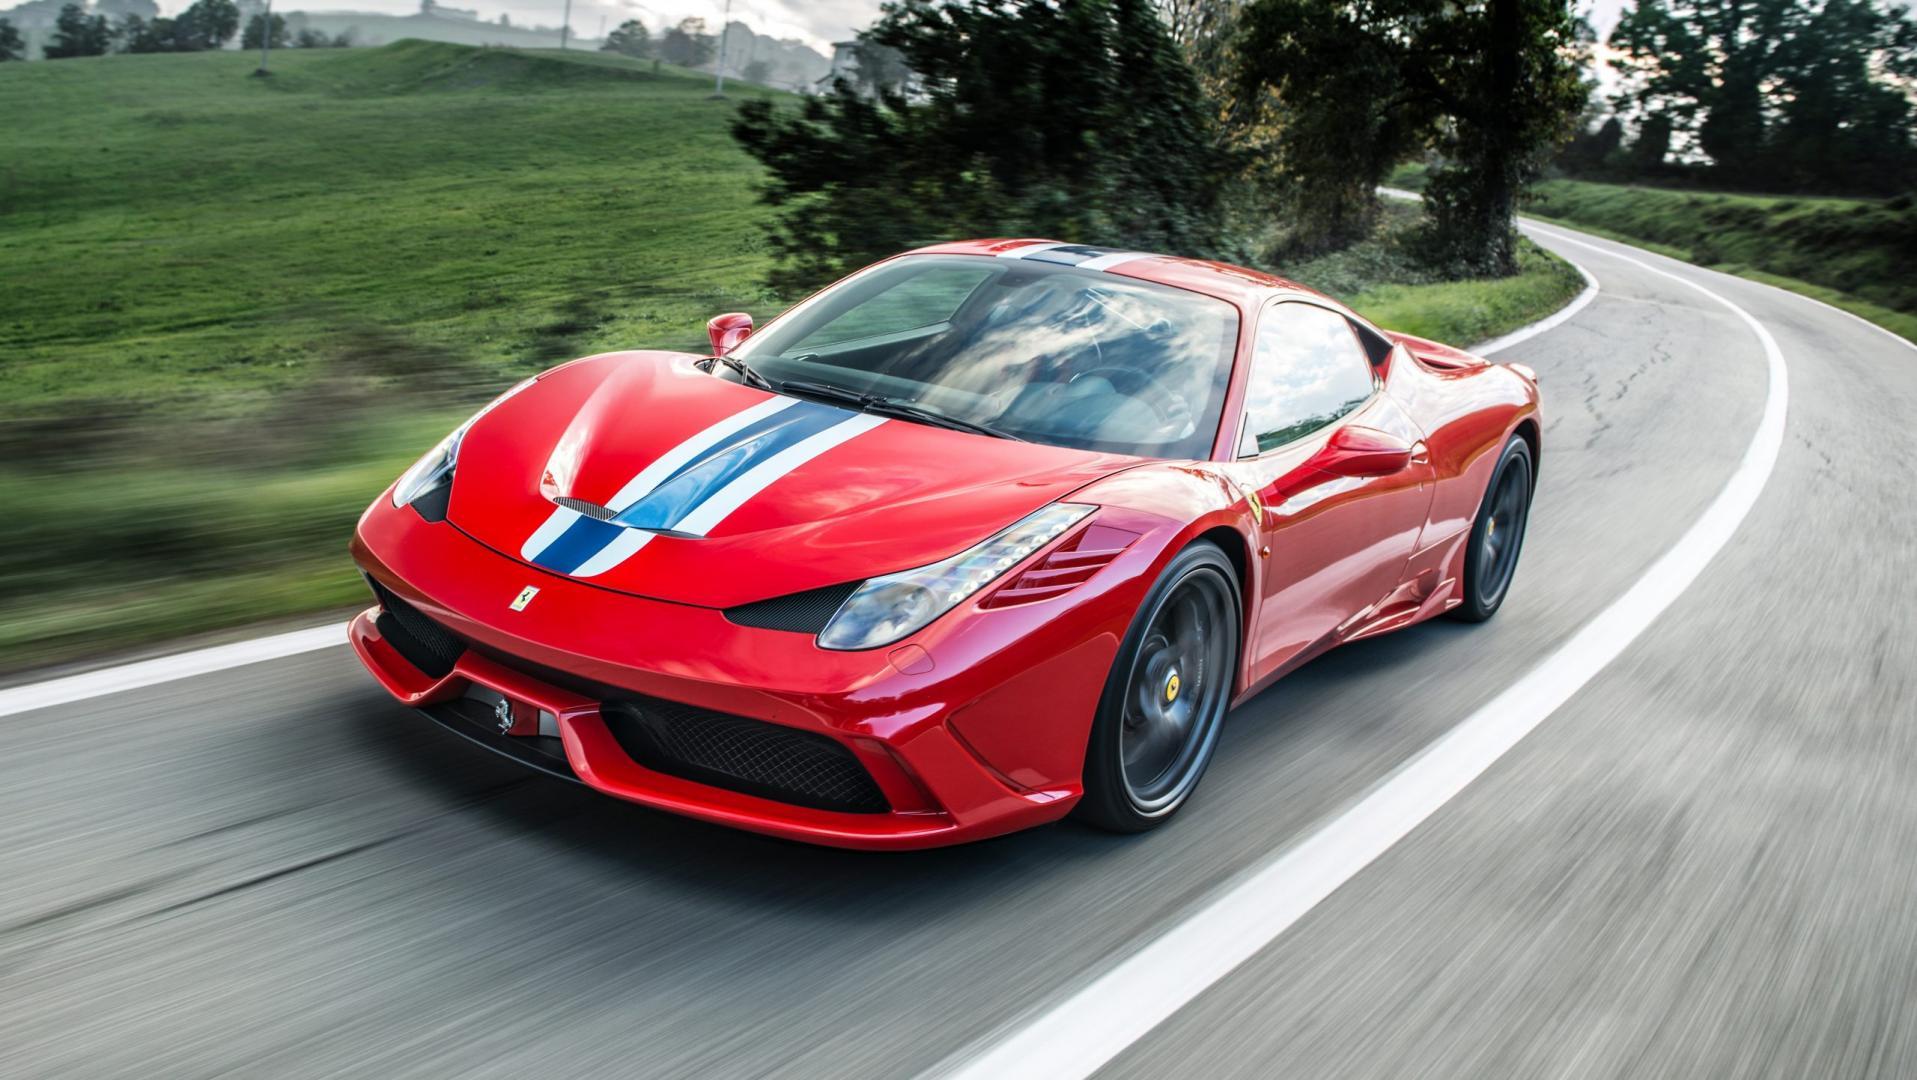 Ferrari 458 Speciale (2014)